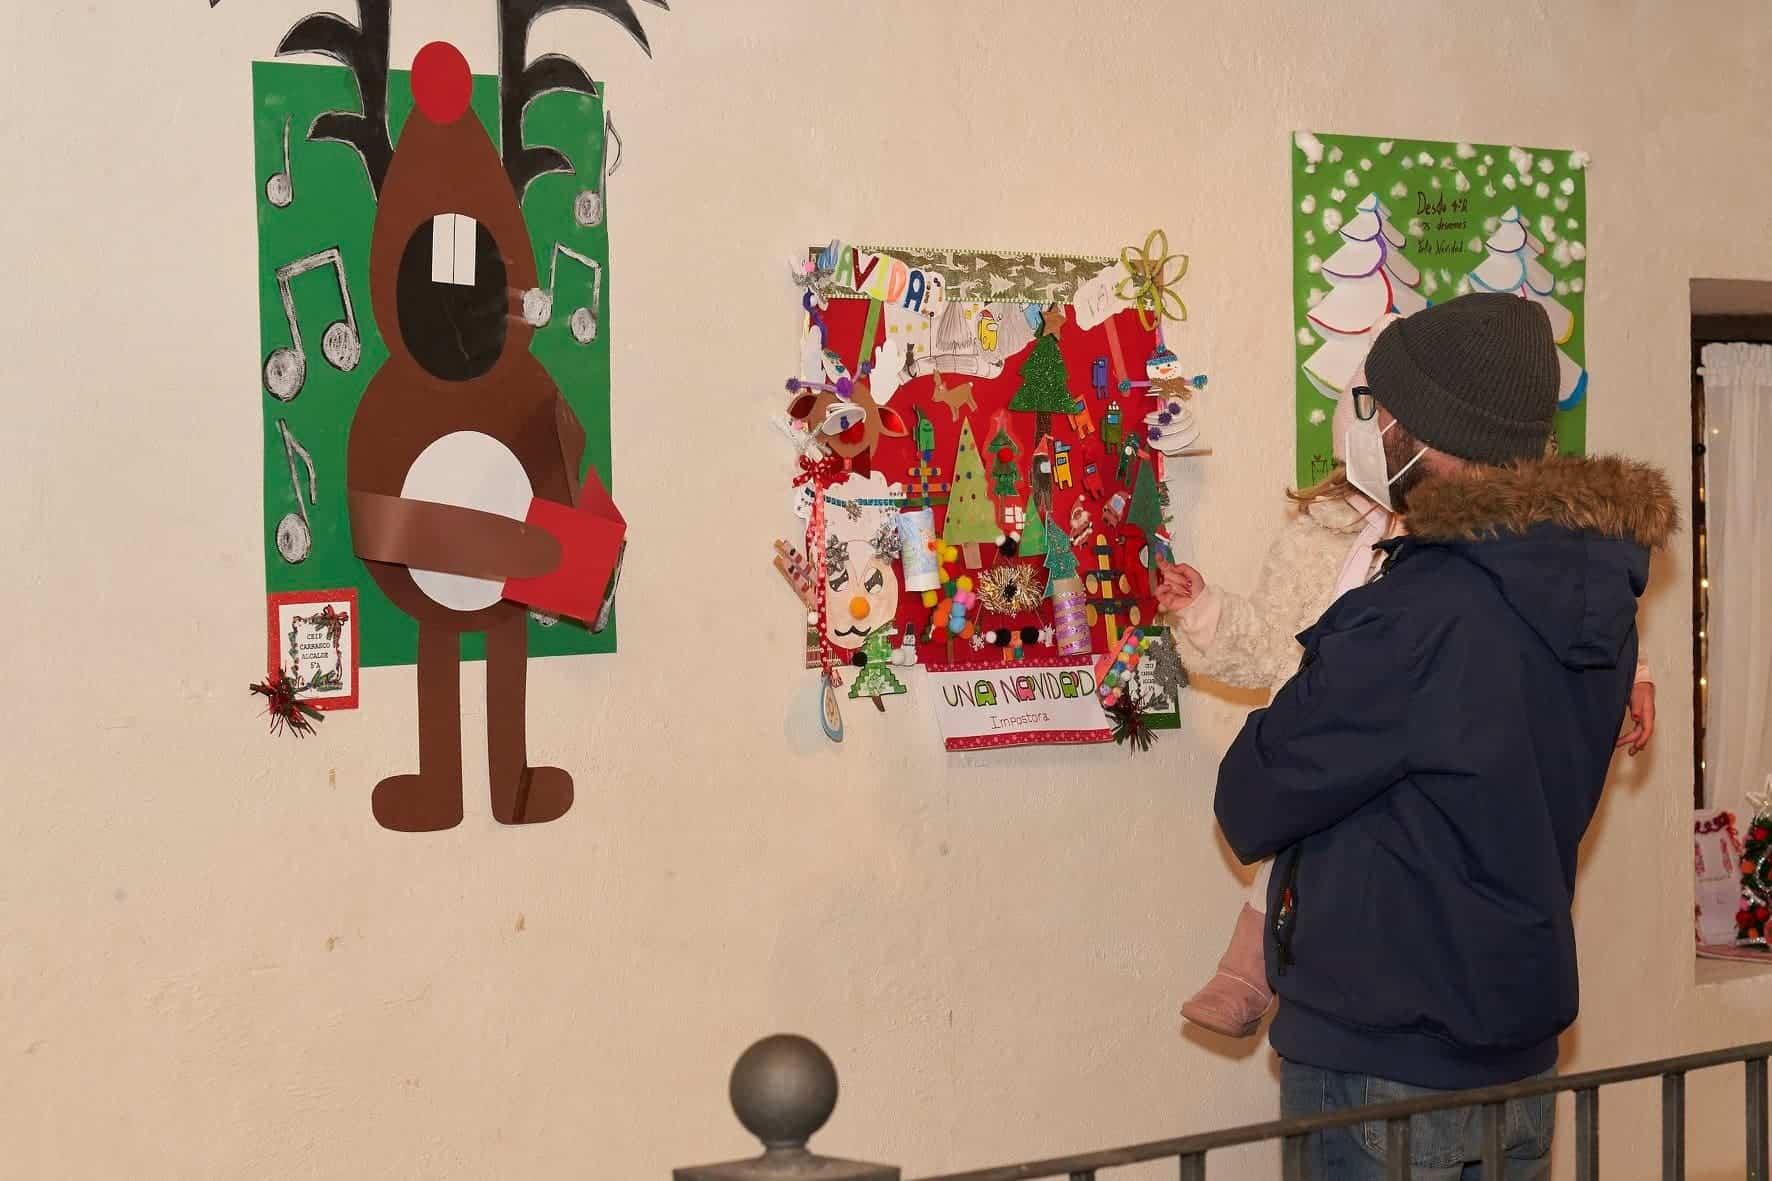 Inaugurada la Casita de la Navidad en la Sala de Exposiciones Agustín Úbeda 29